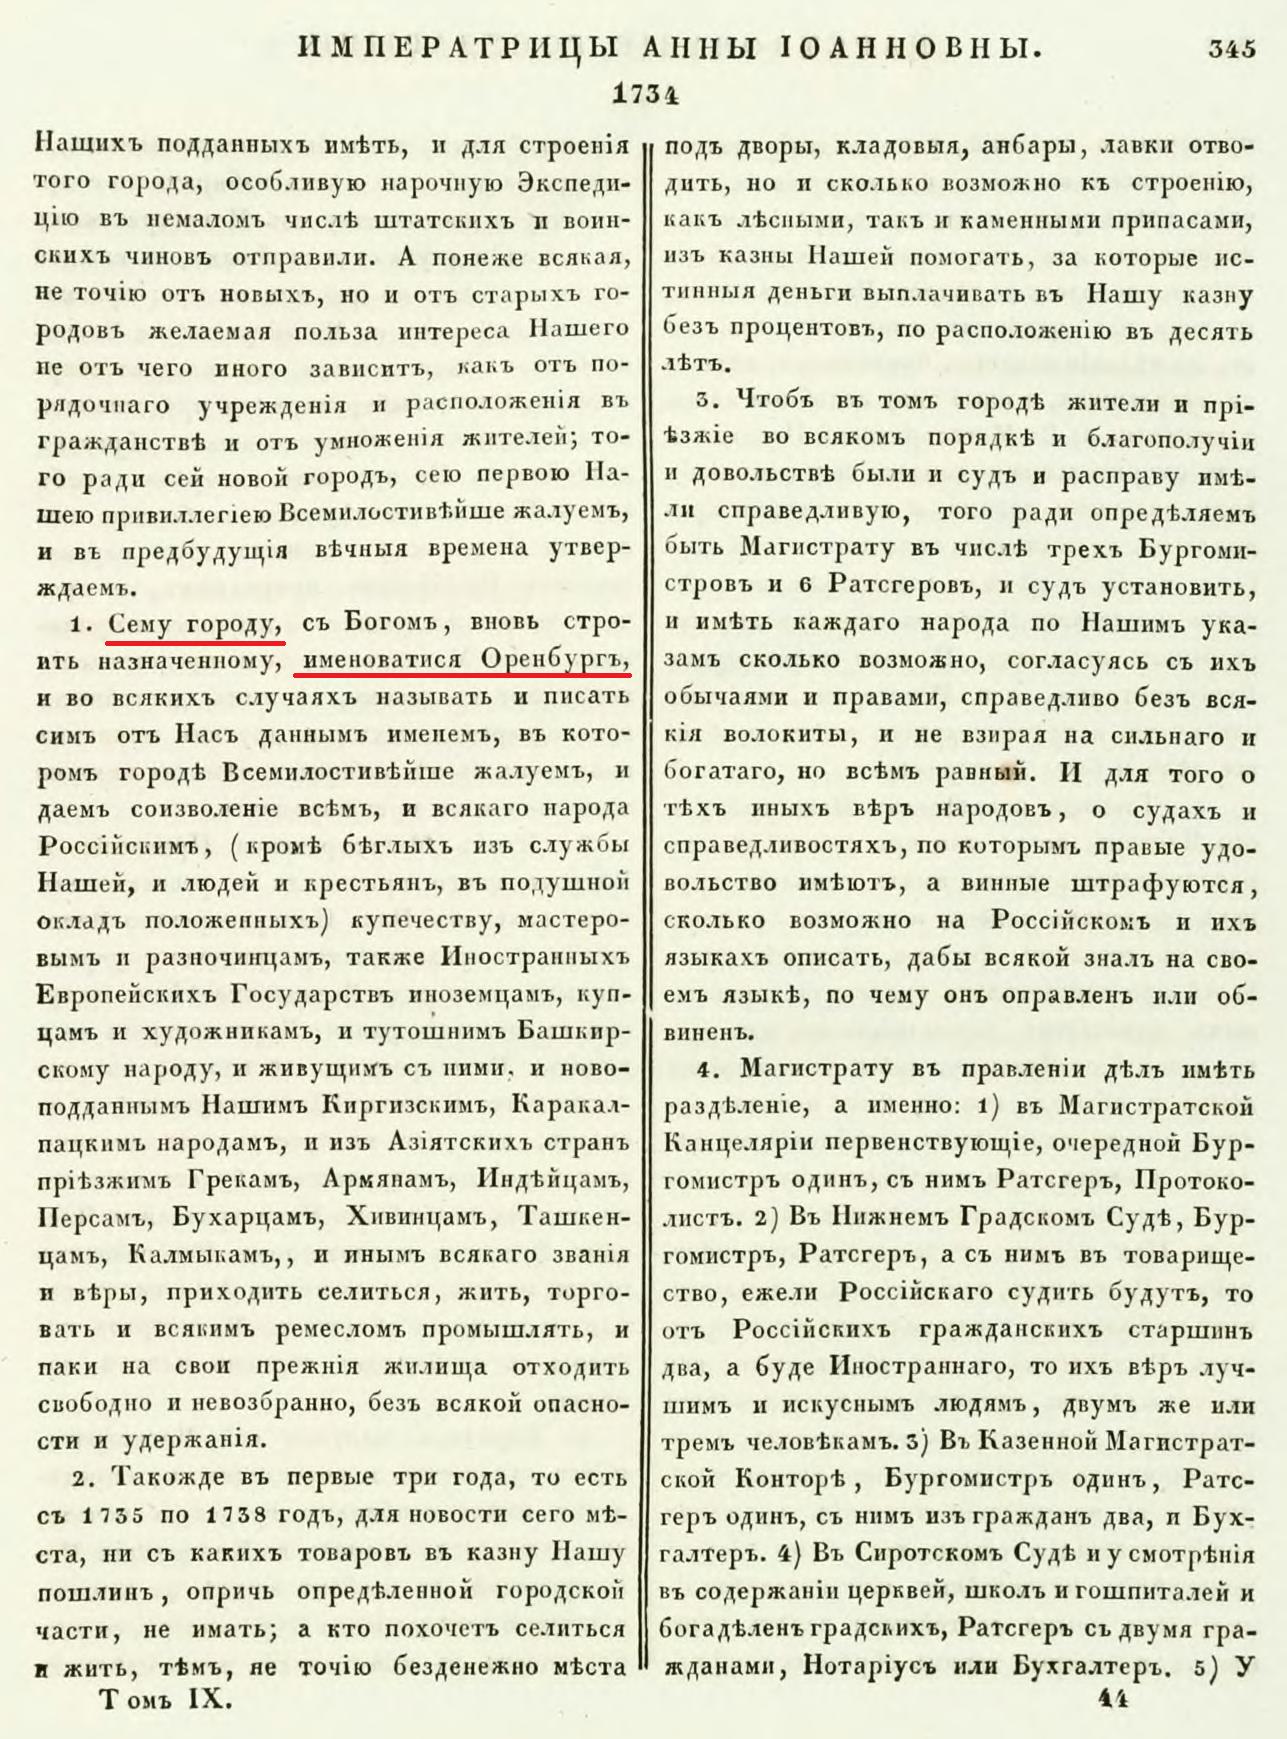 09-стр345-1734-06-07 сему городу именоваться Оренбург.png